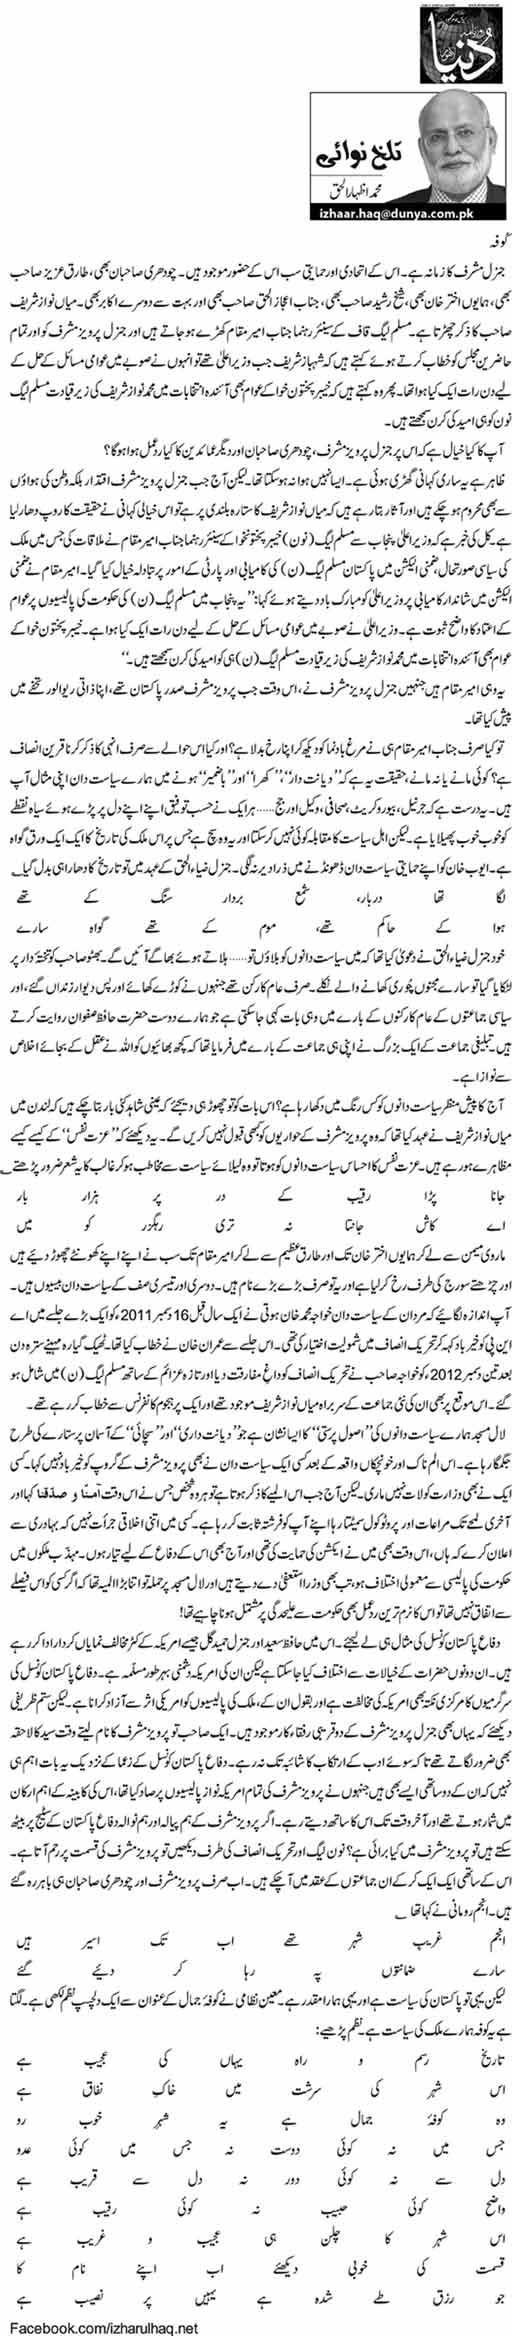 Koofa - M. Izhar ul Haq